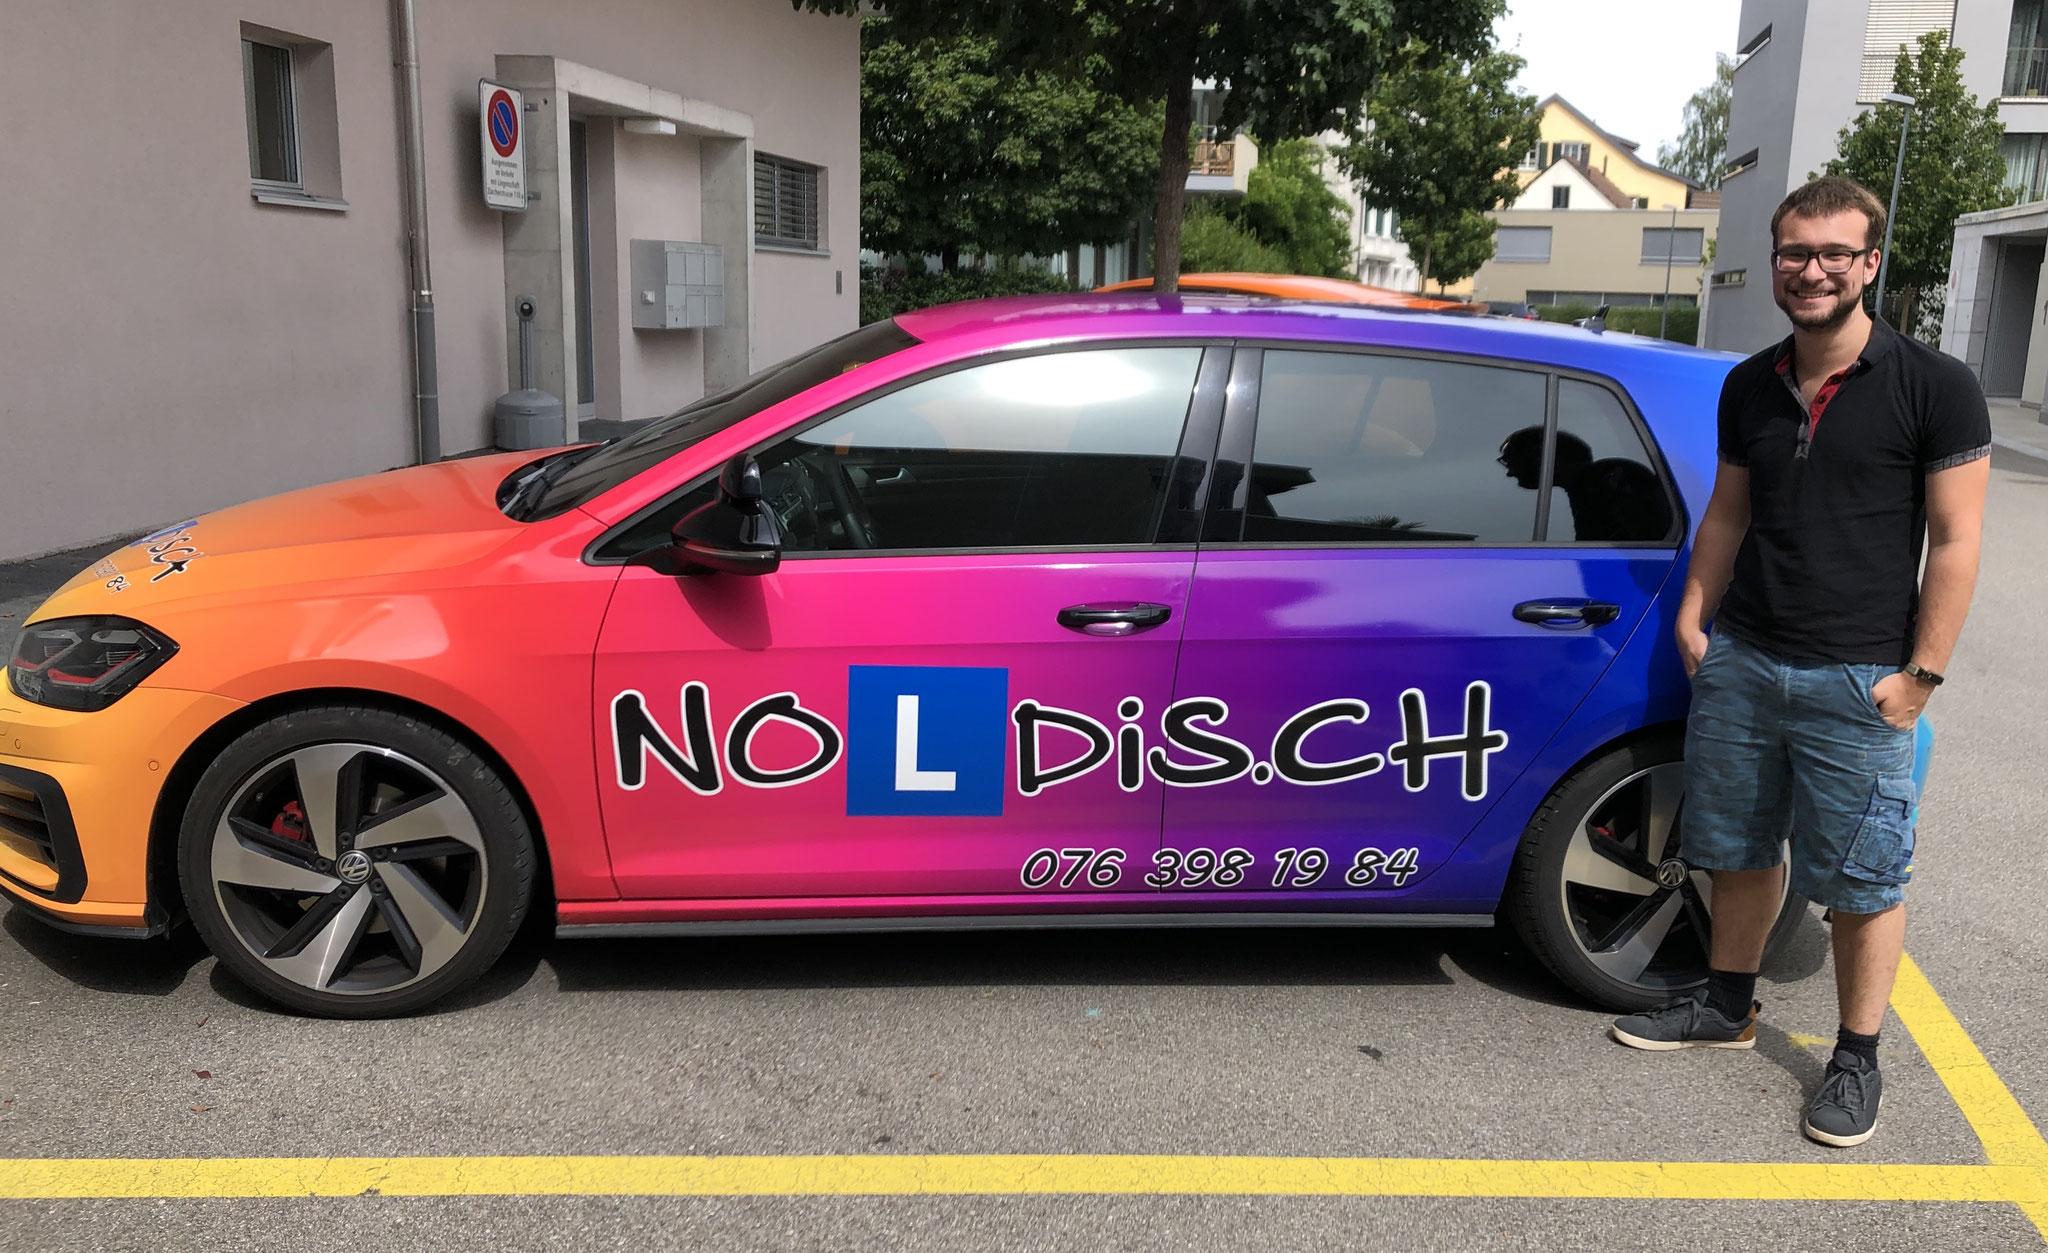 13.08.19 - Gratulation Nicolas. Das isch ebe Musig. =)